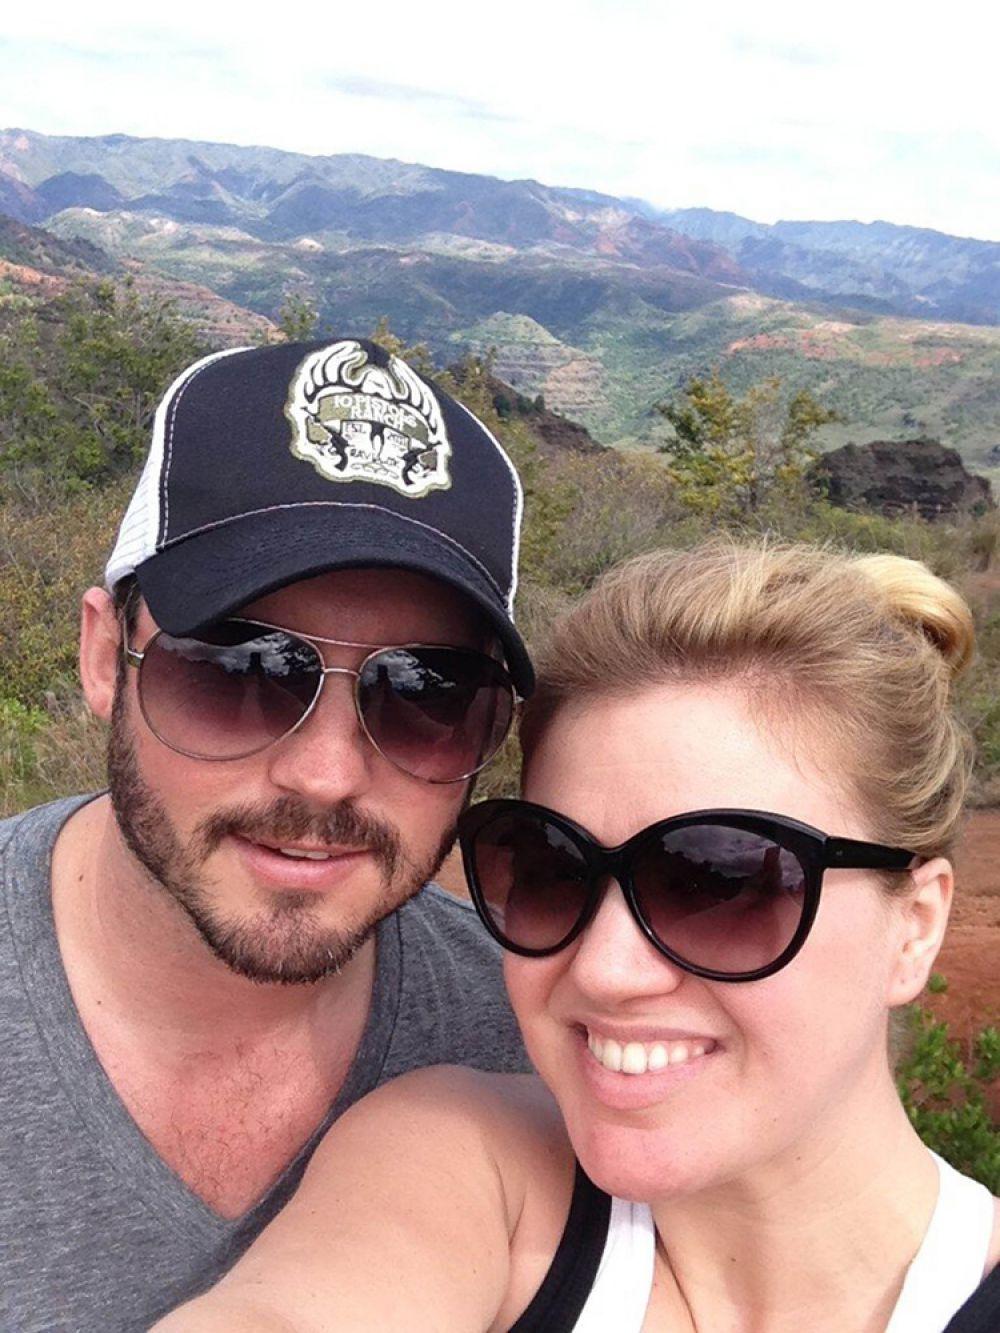 Известная американская исполнительница Келли Кларксон и ее муж Брэндон Блэксток 12 июня стали родителями девочки. Малышке уже дали имя Ривер Роуз.